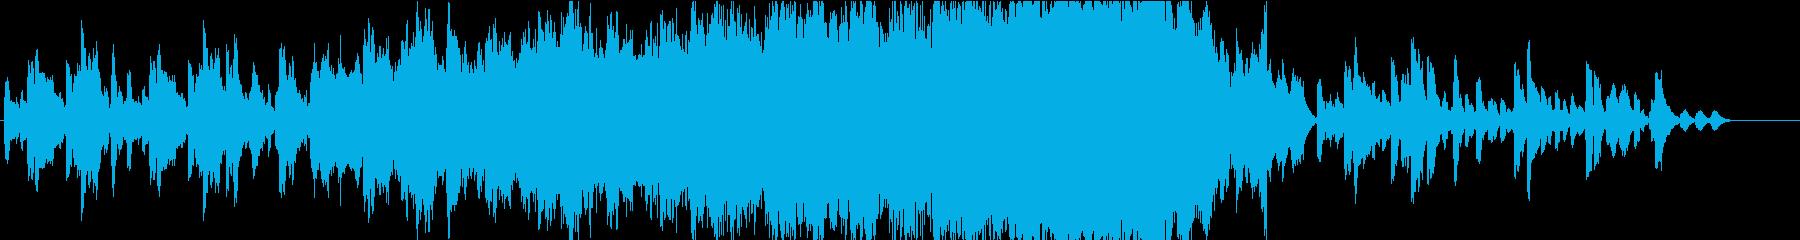 悲しいオルゴール主体のゴシック・ホラーの再生済みの波形